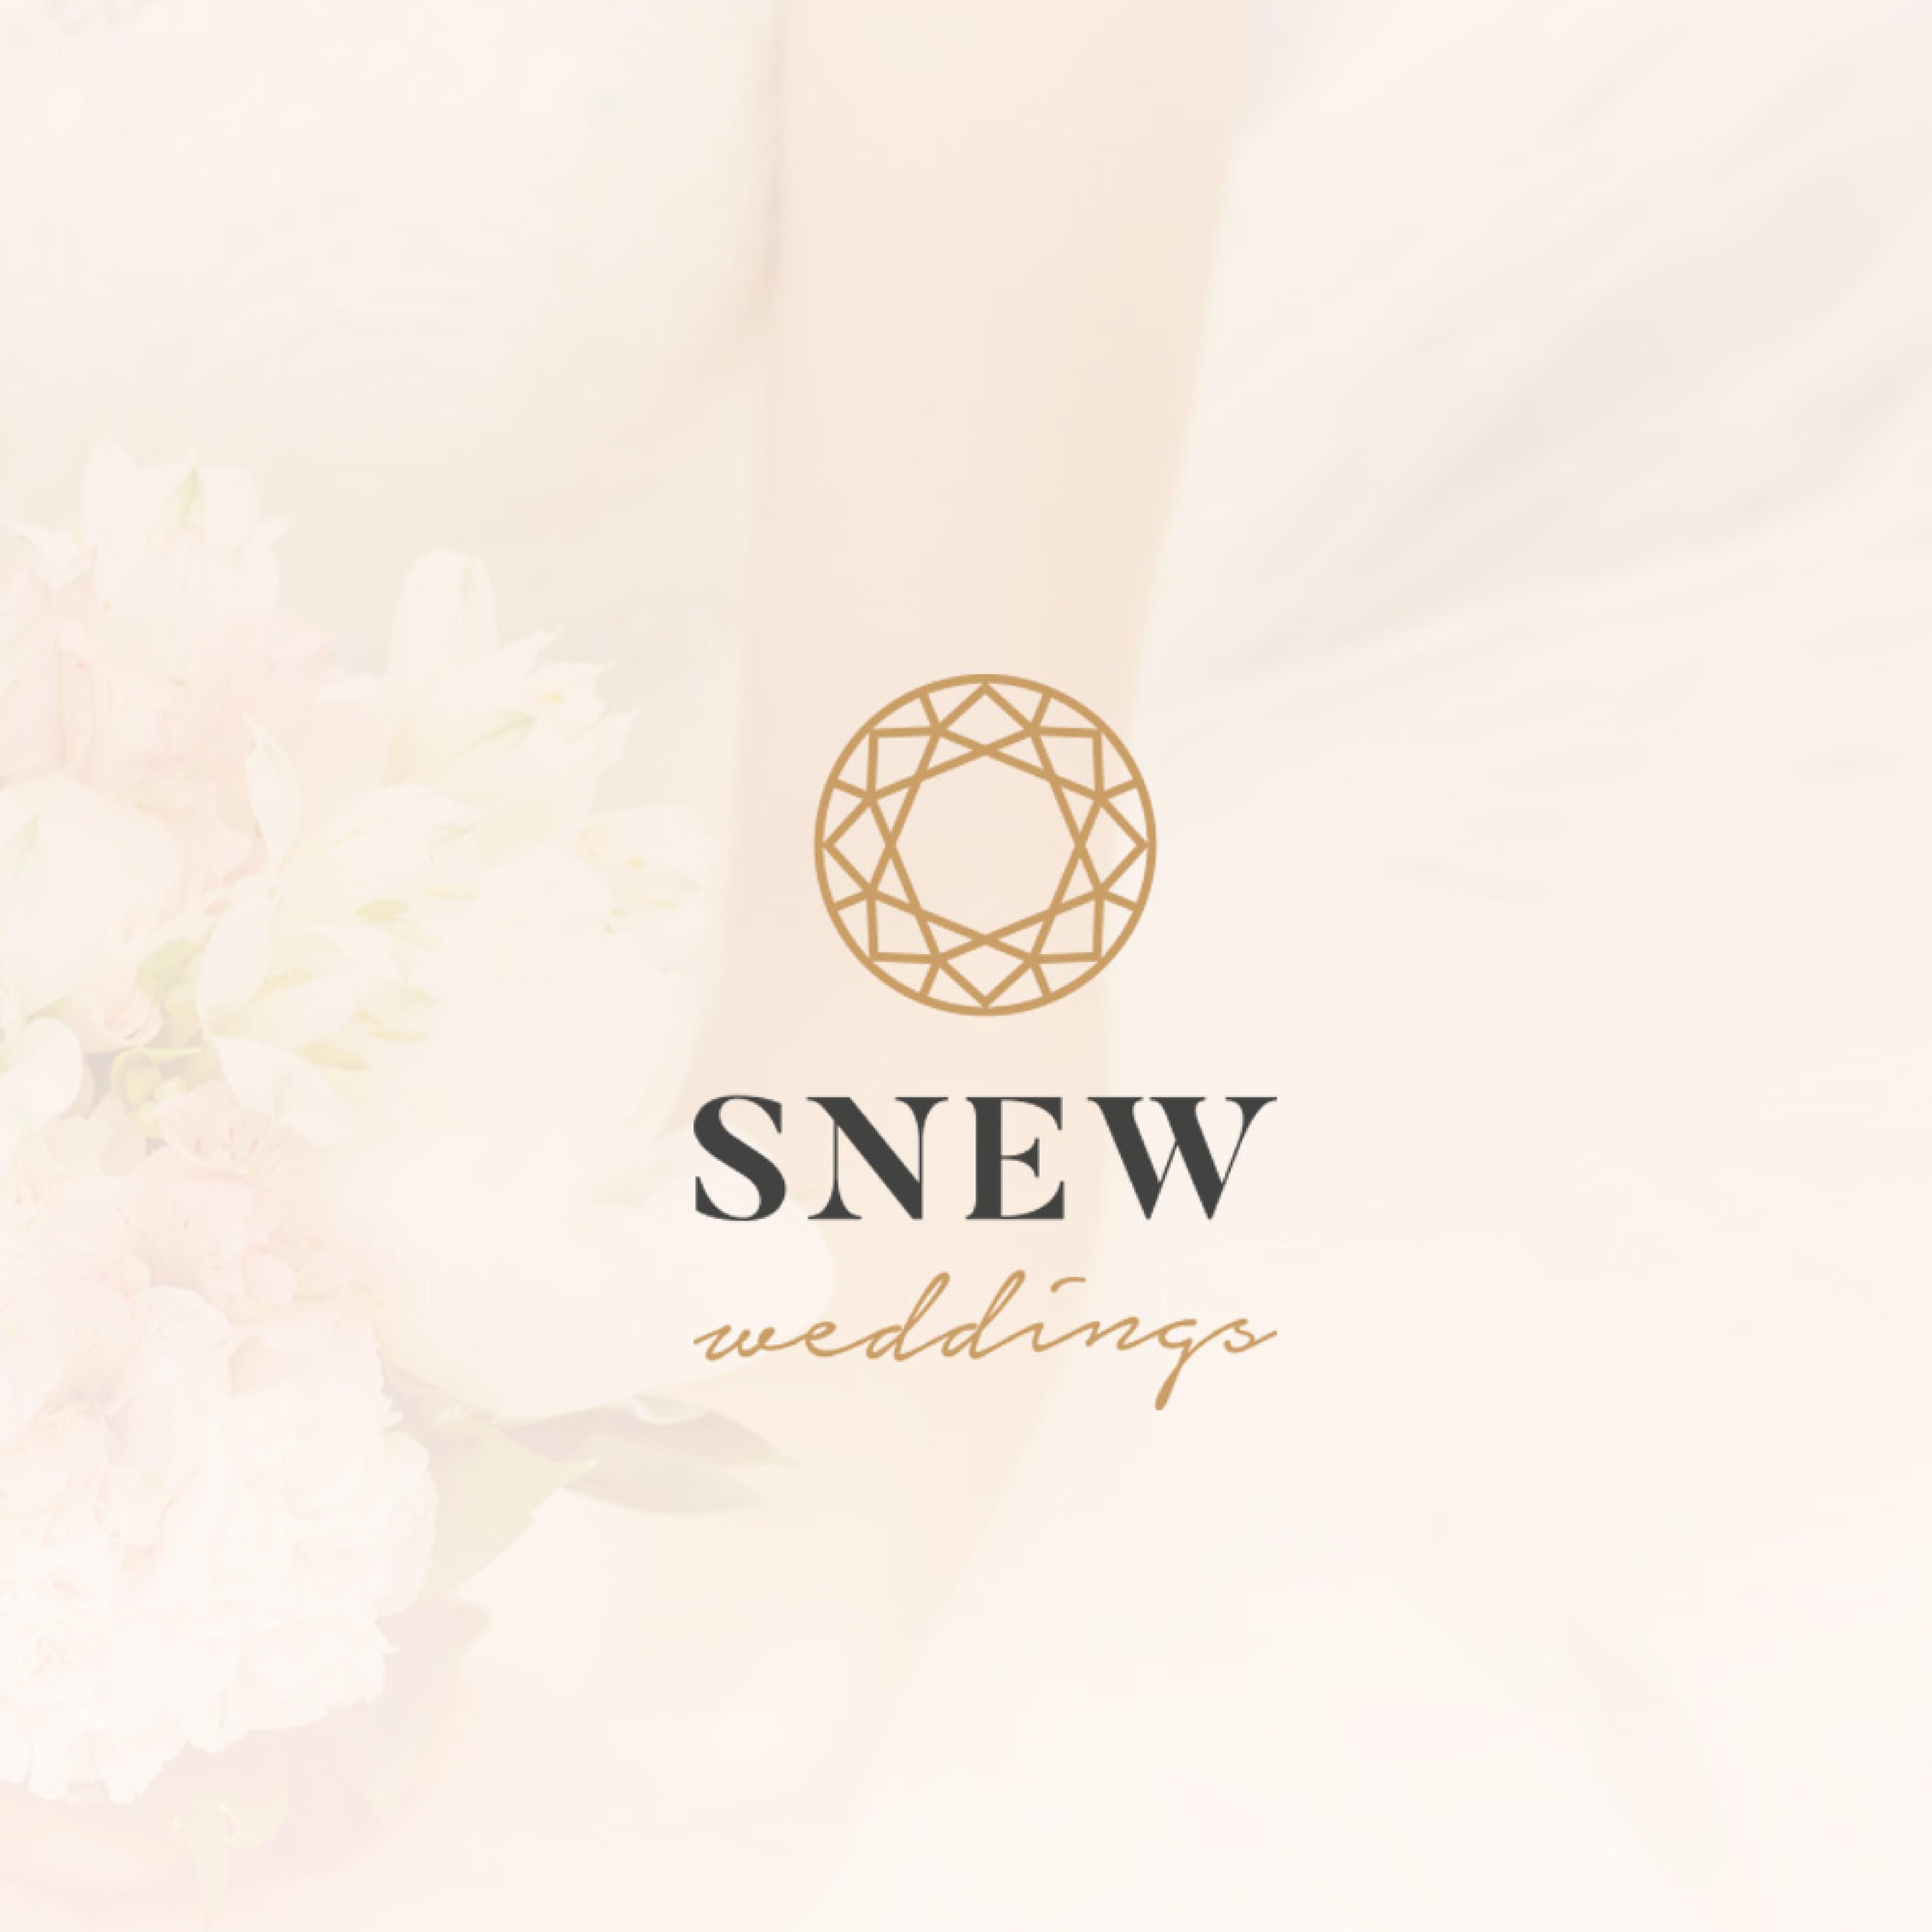 SNEW RESPONSIVE 01 - Snew